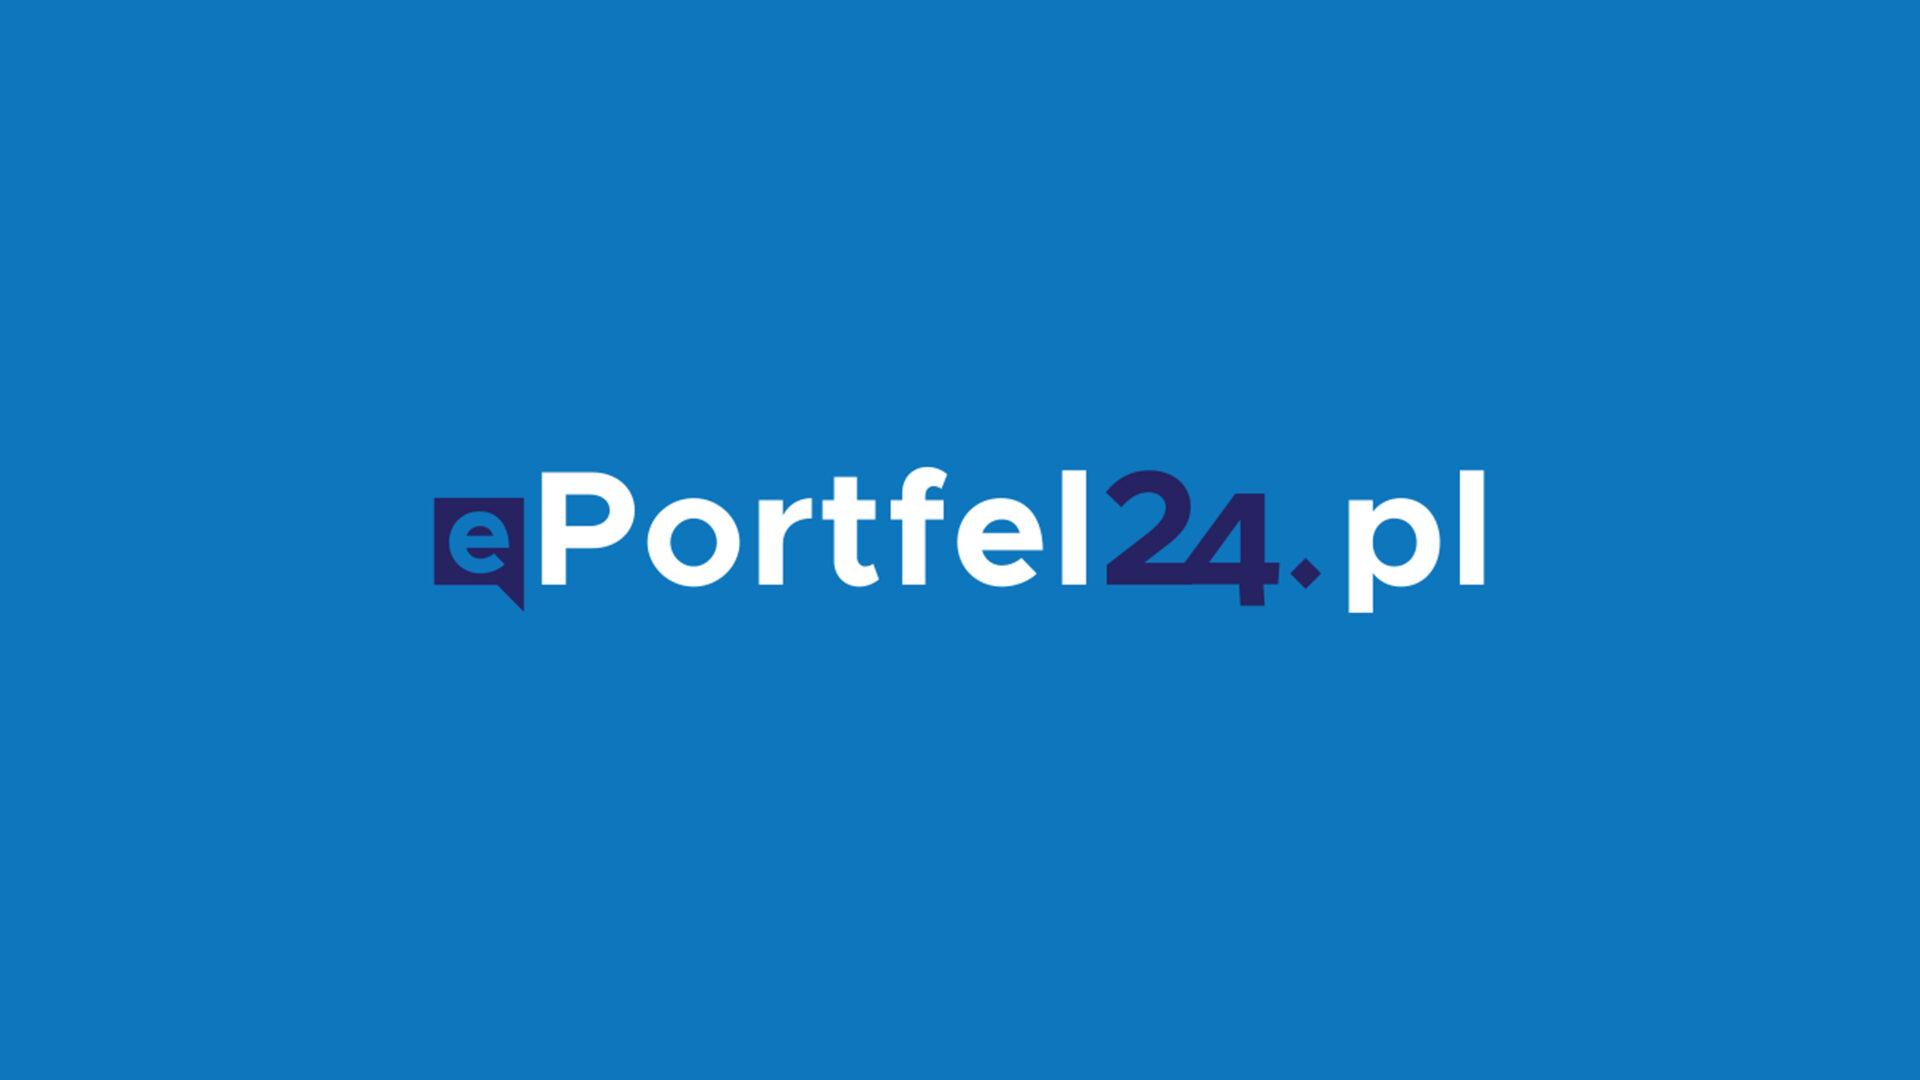 ePortfel24